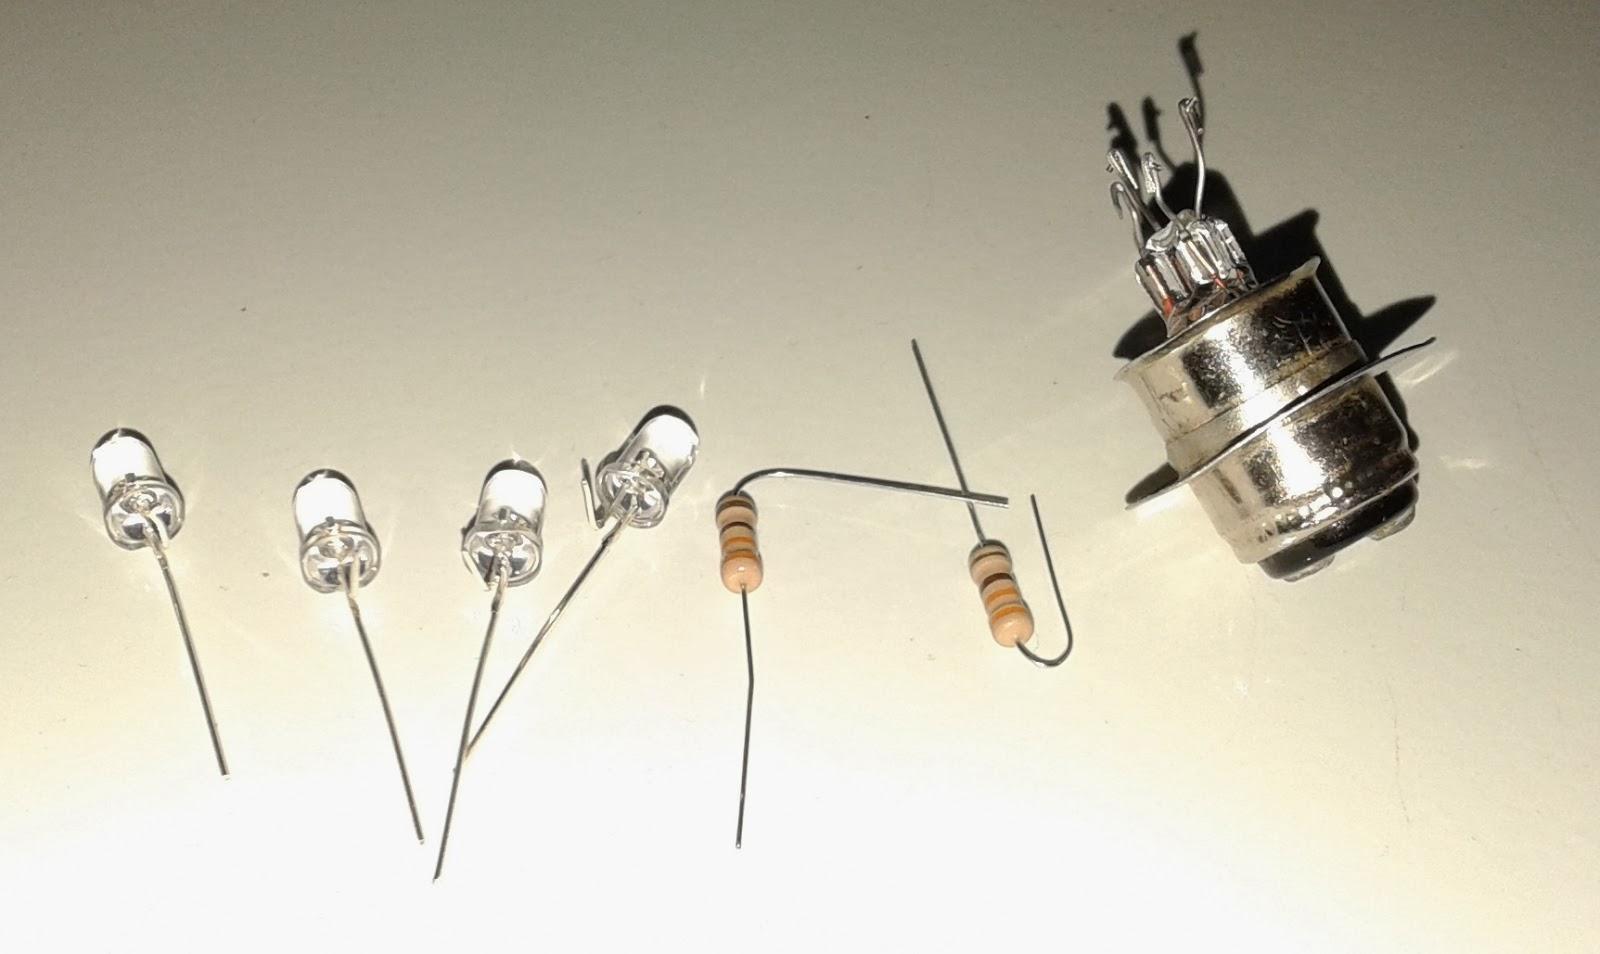 Make Your Own Led Light Bulb Make Your Own Led Light